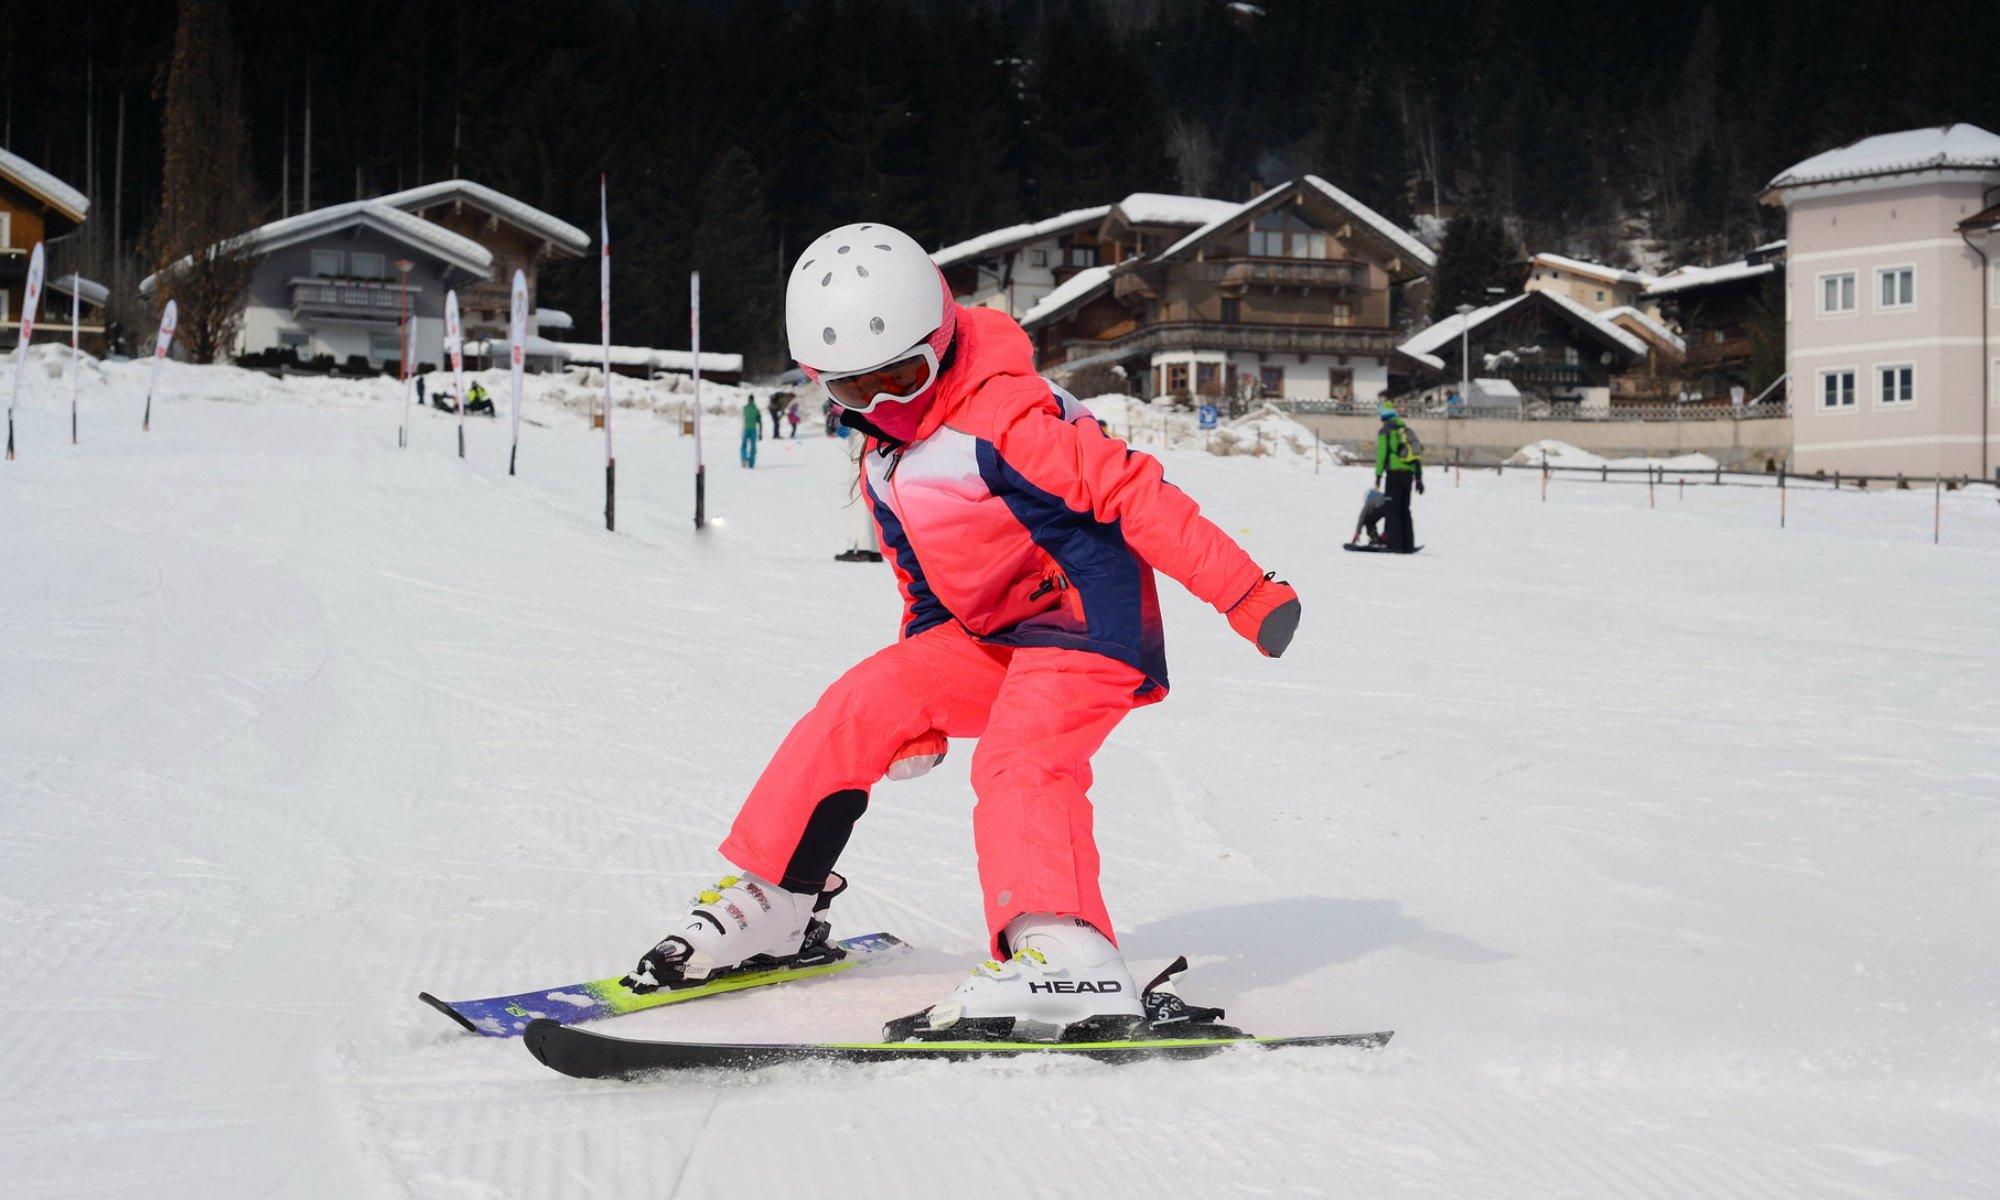 Kind fährt mit dem Pflugbogen die Skipiste hinunter.